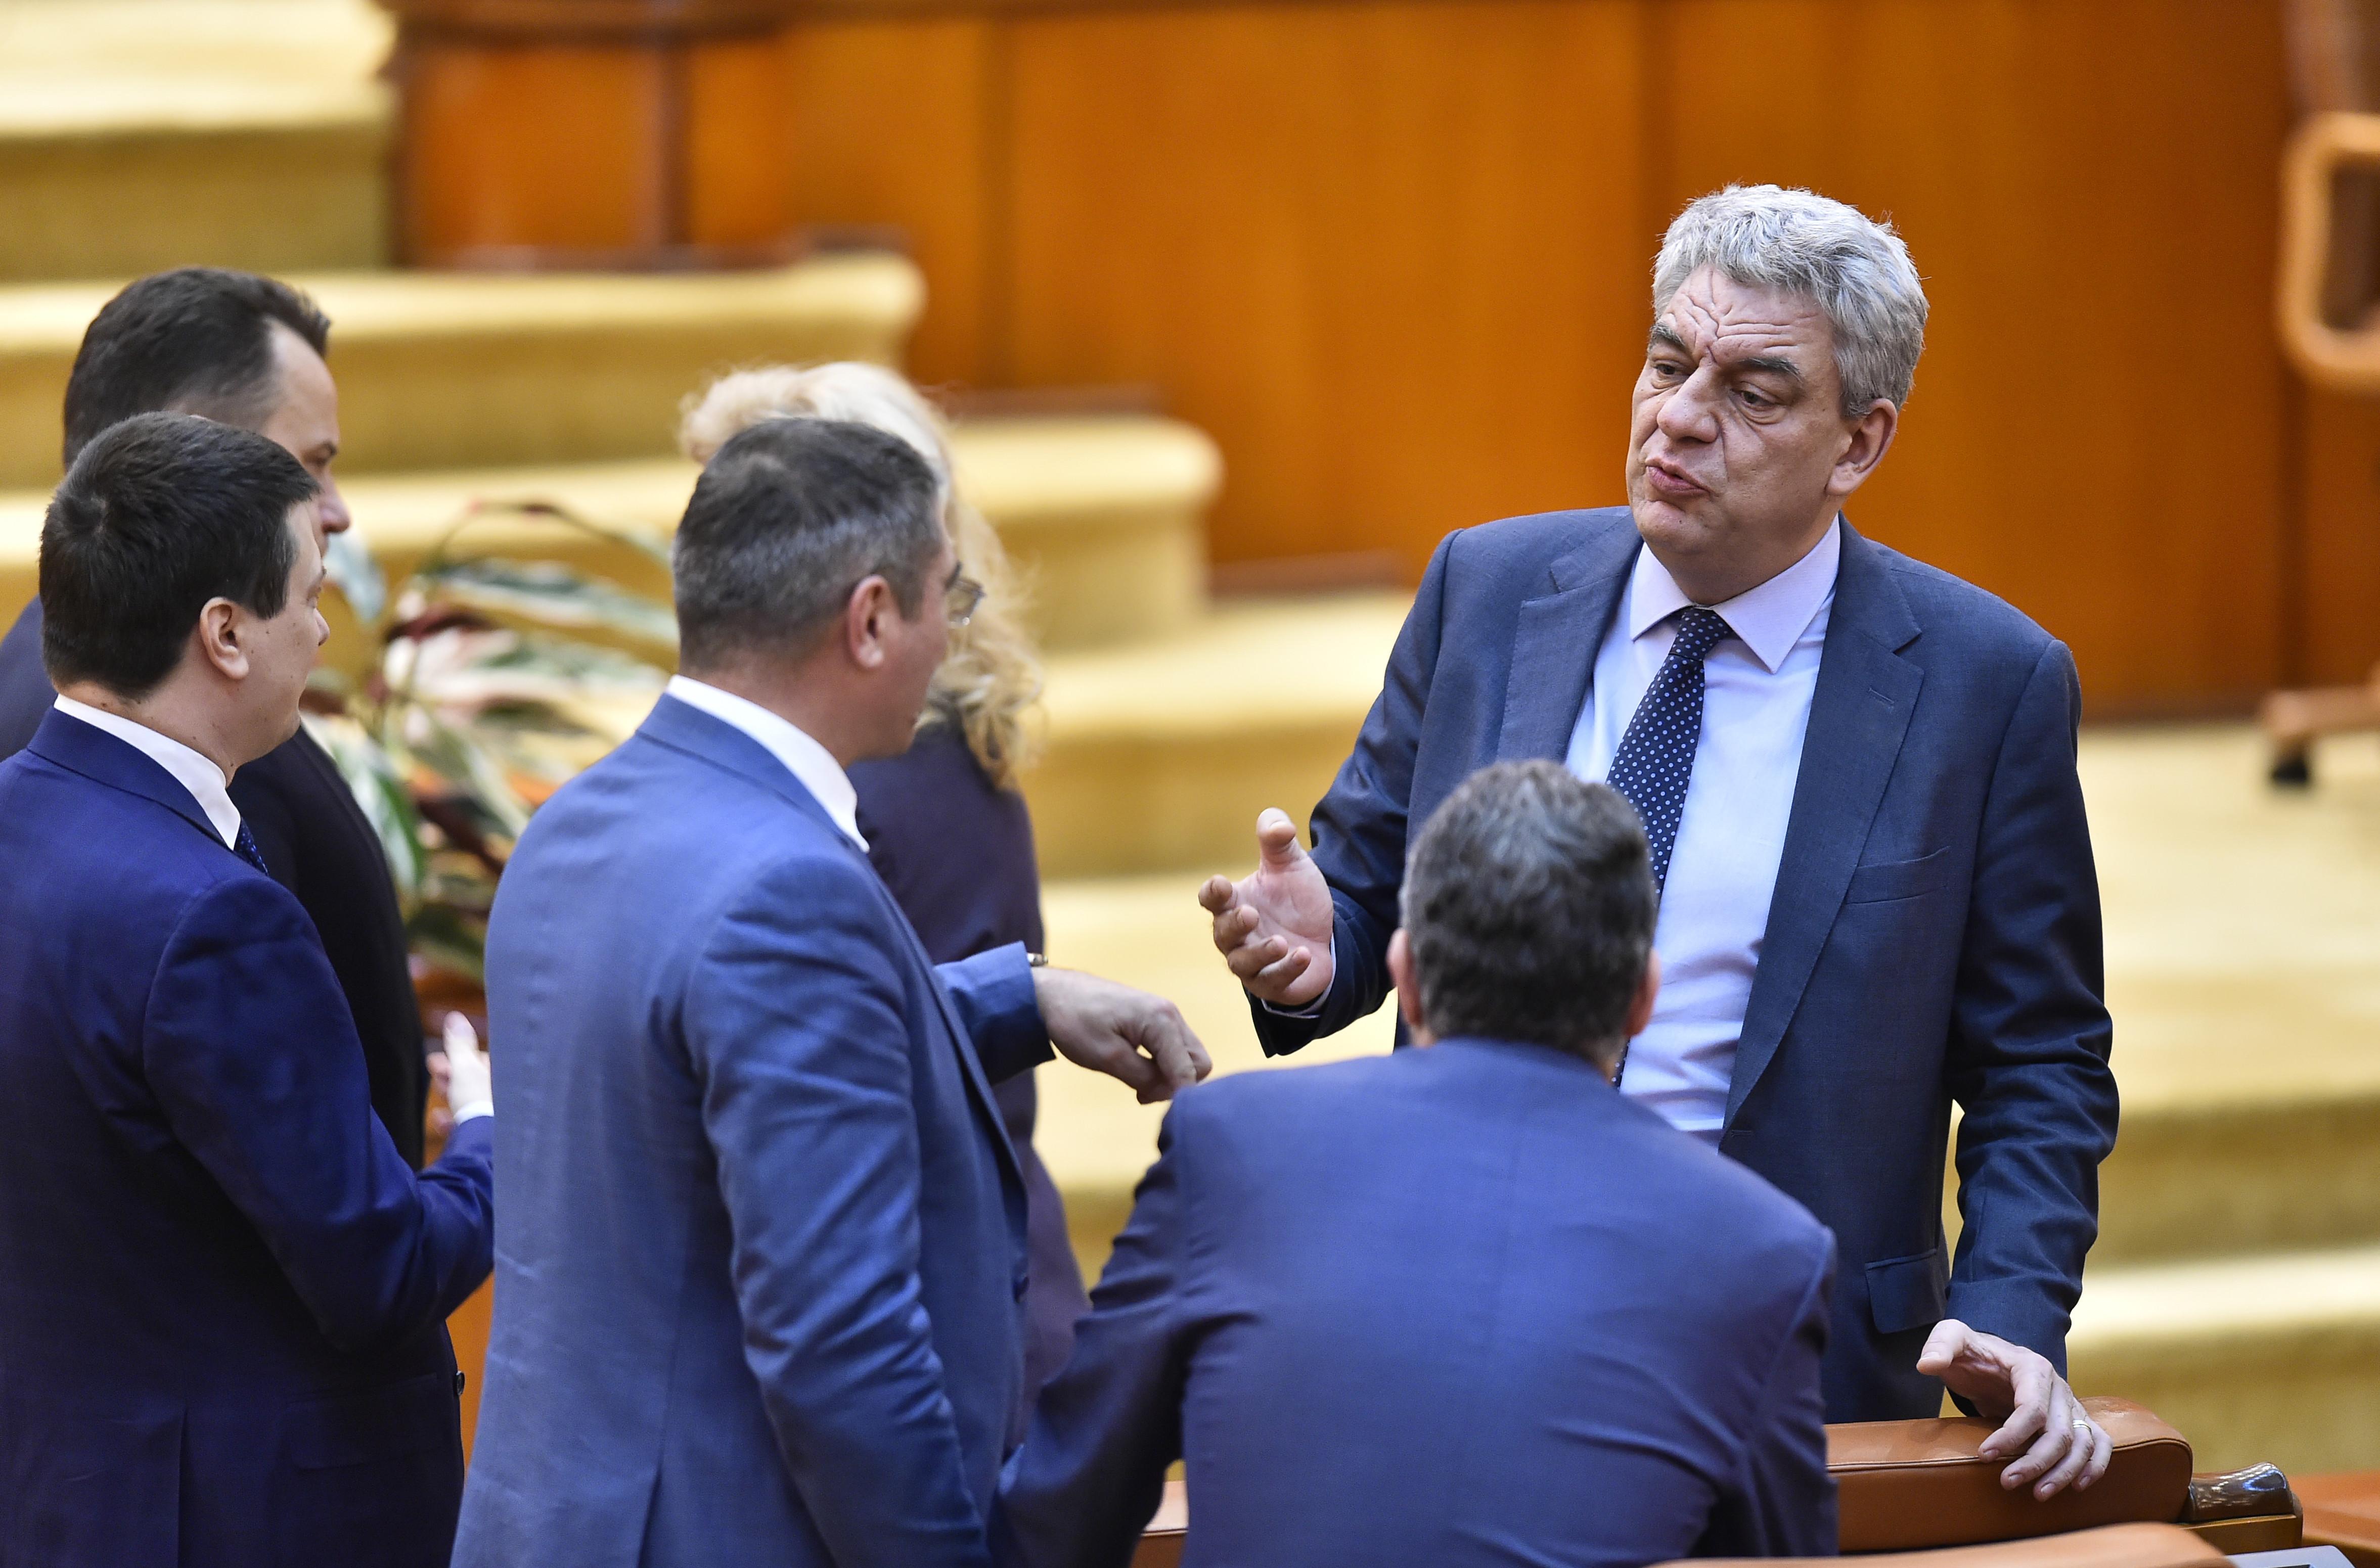 """Fostul premier Tudose, către Dăncilă: """"Una e să tai mere şi alta e să pleci cu pomul"""""""